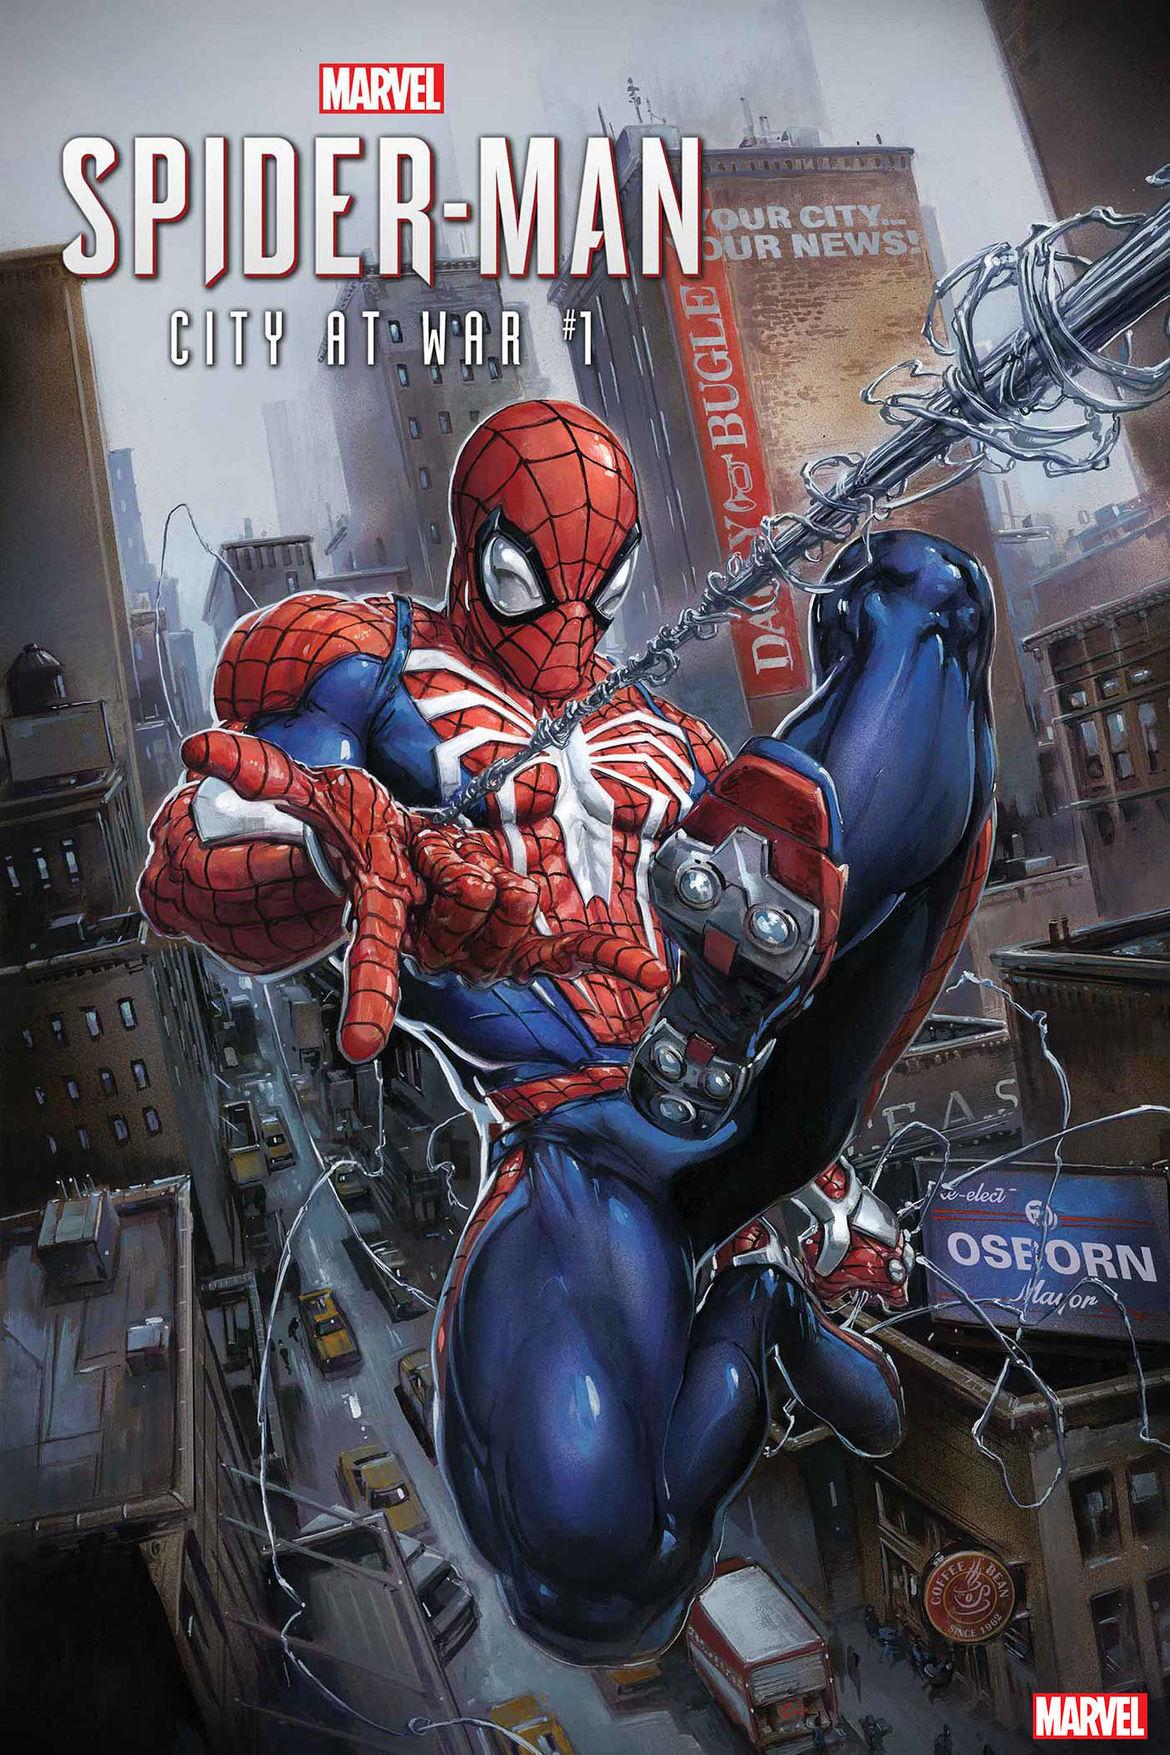 Marvel's Spider-Man City at War